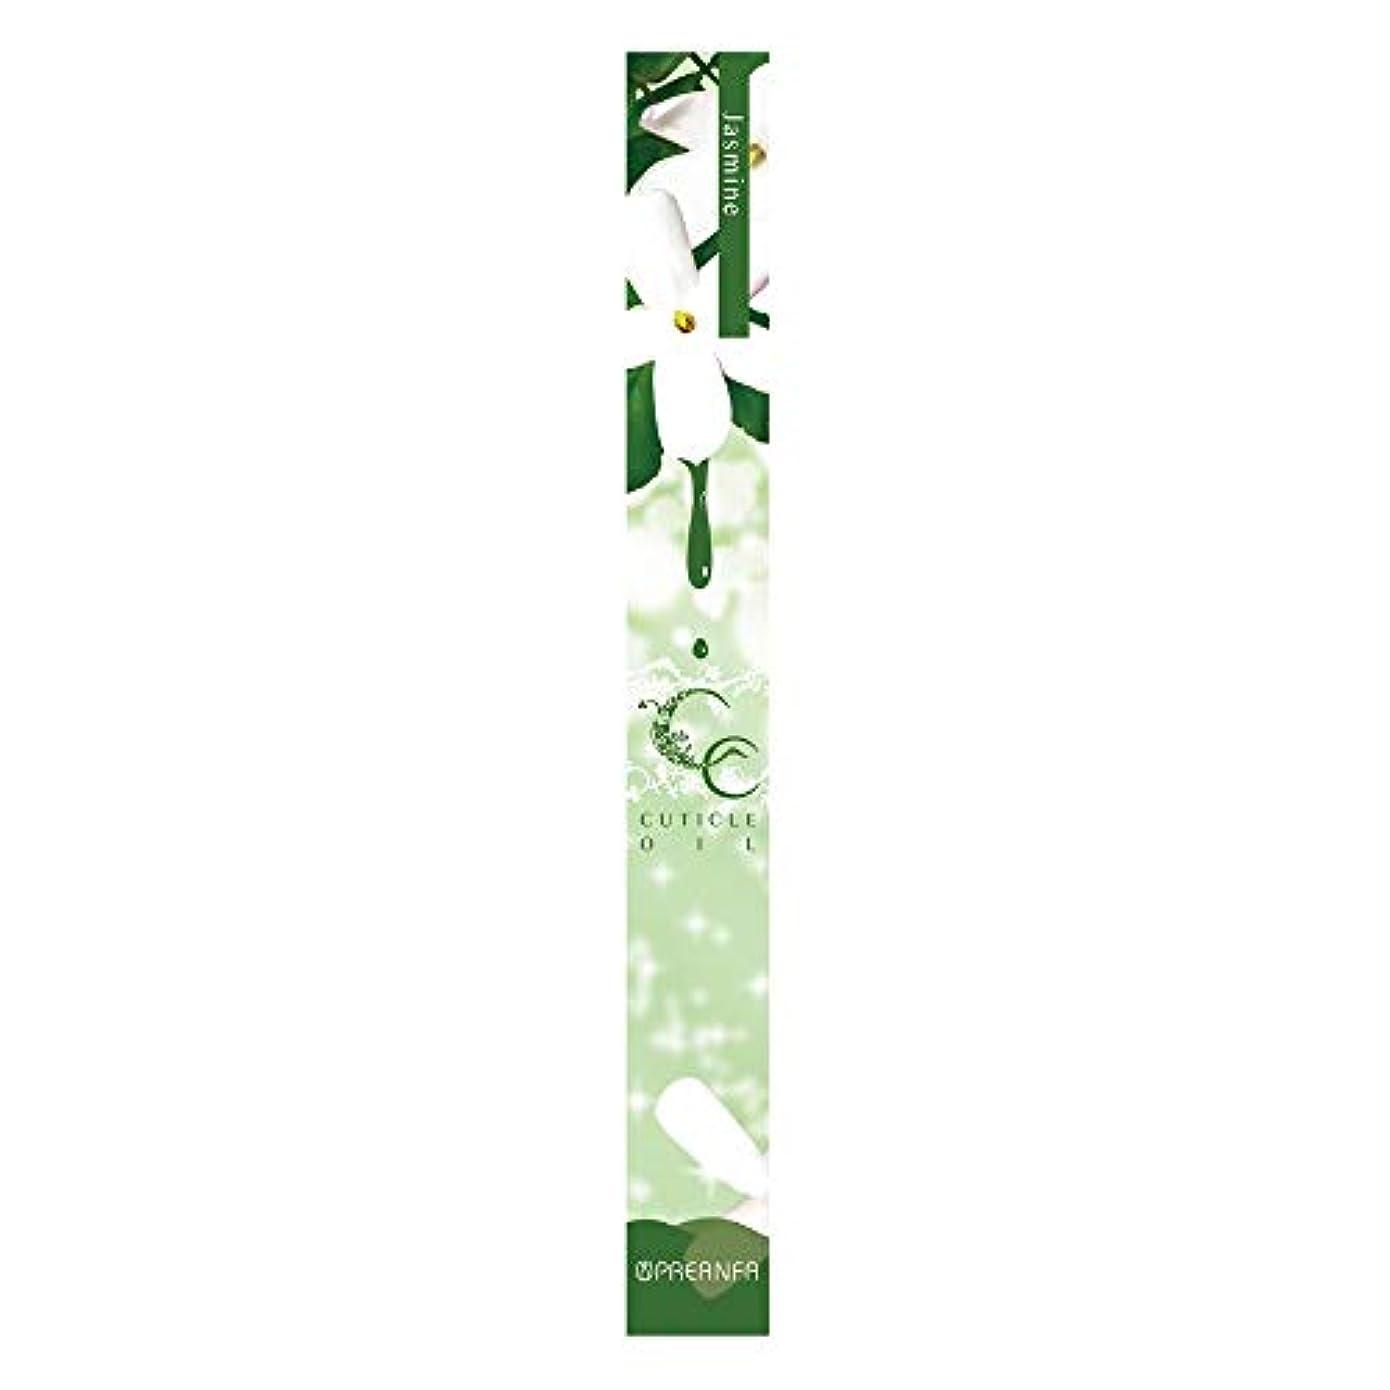 起きてバイオレットピザプリジェル 甘皮ケア CCキューティクルオイル ジャスミン 4.5g  保湿オイル ペンタイプ